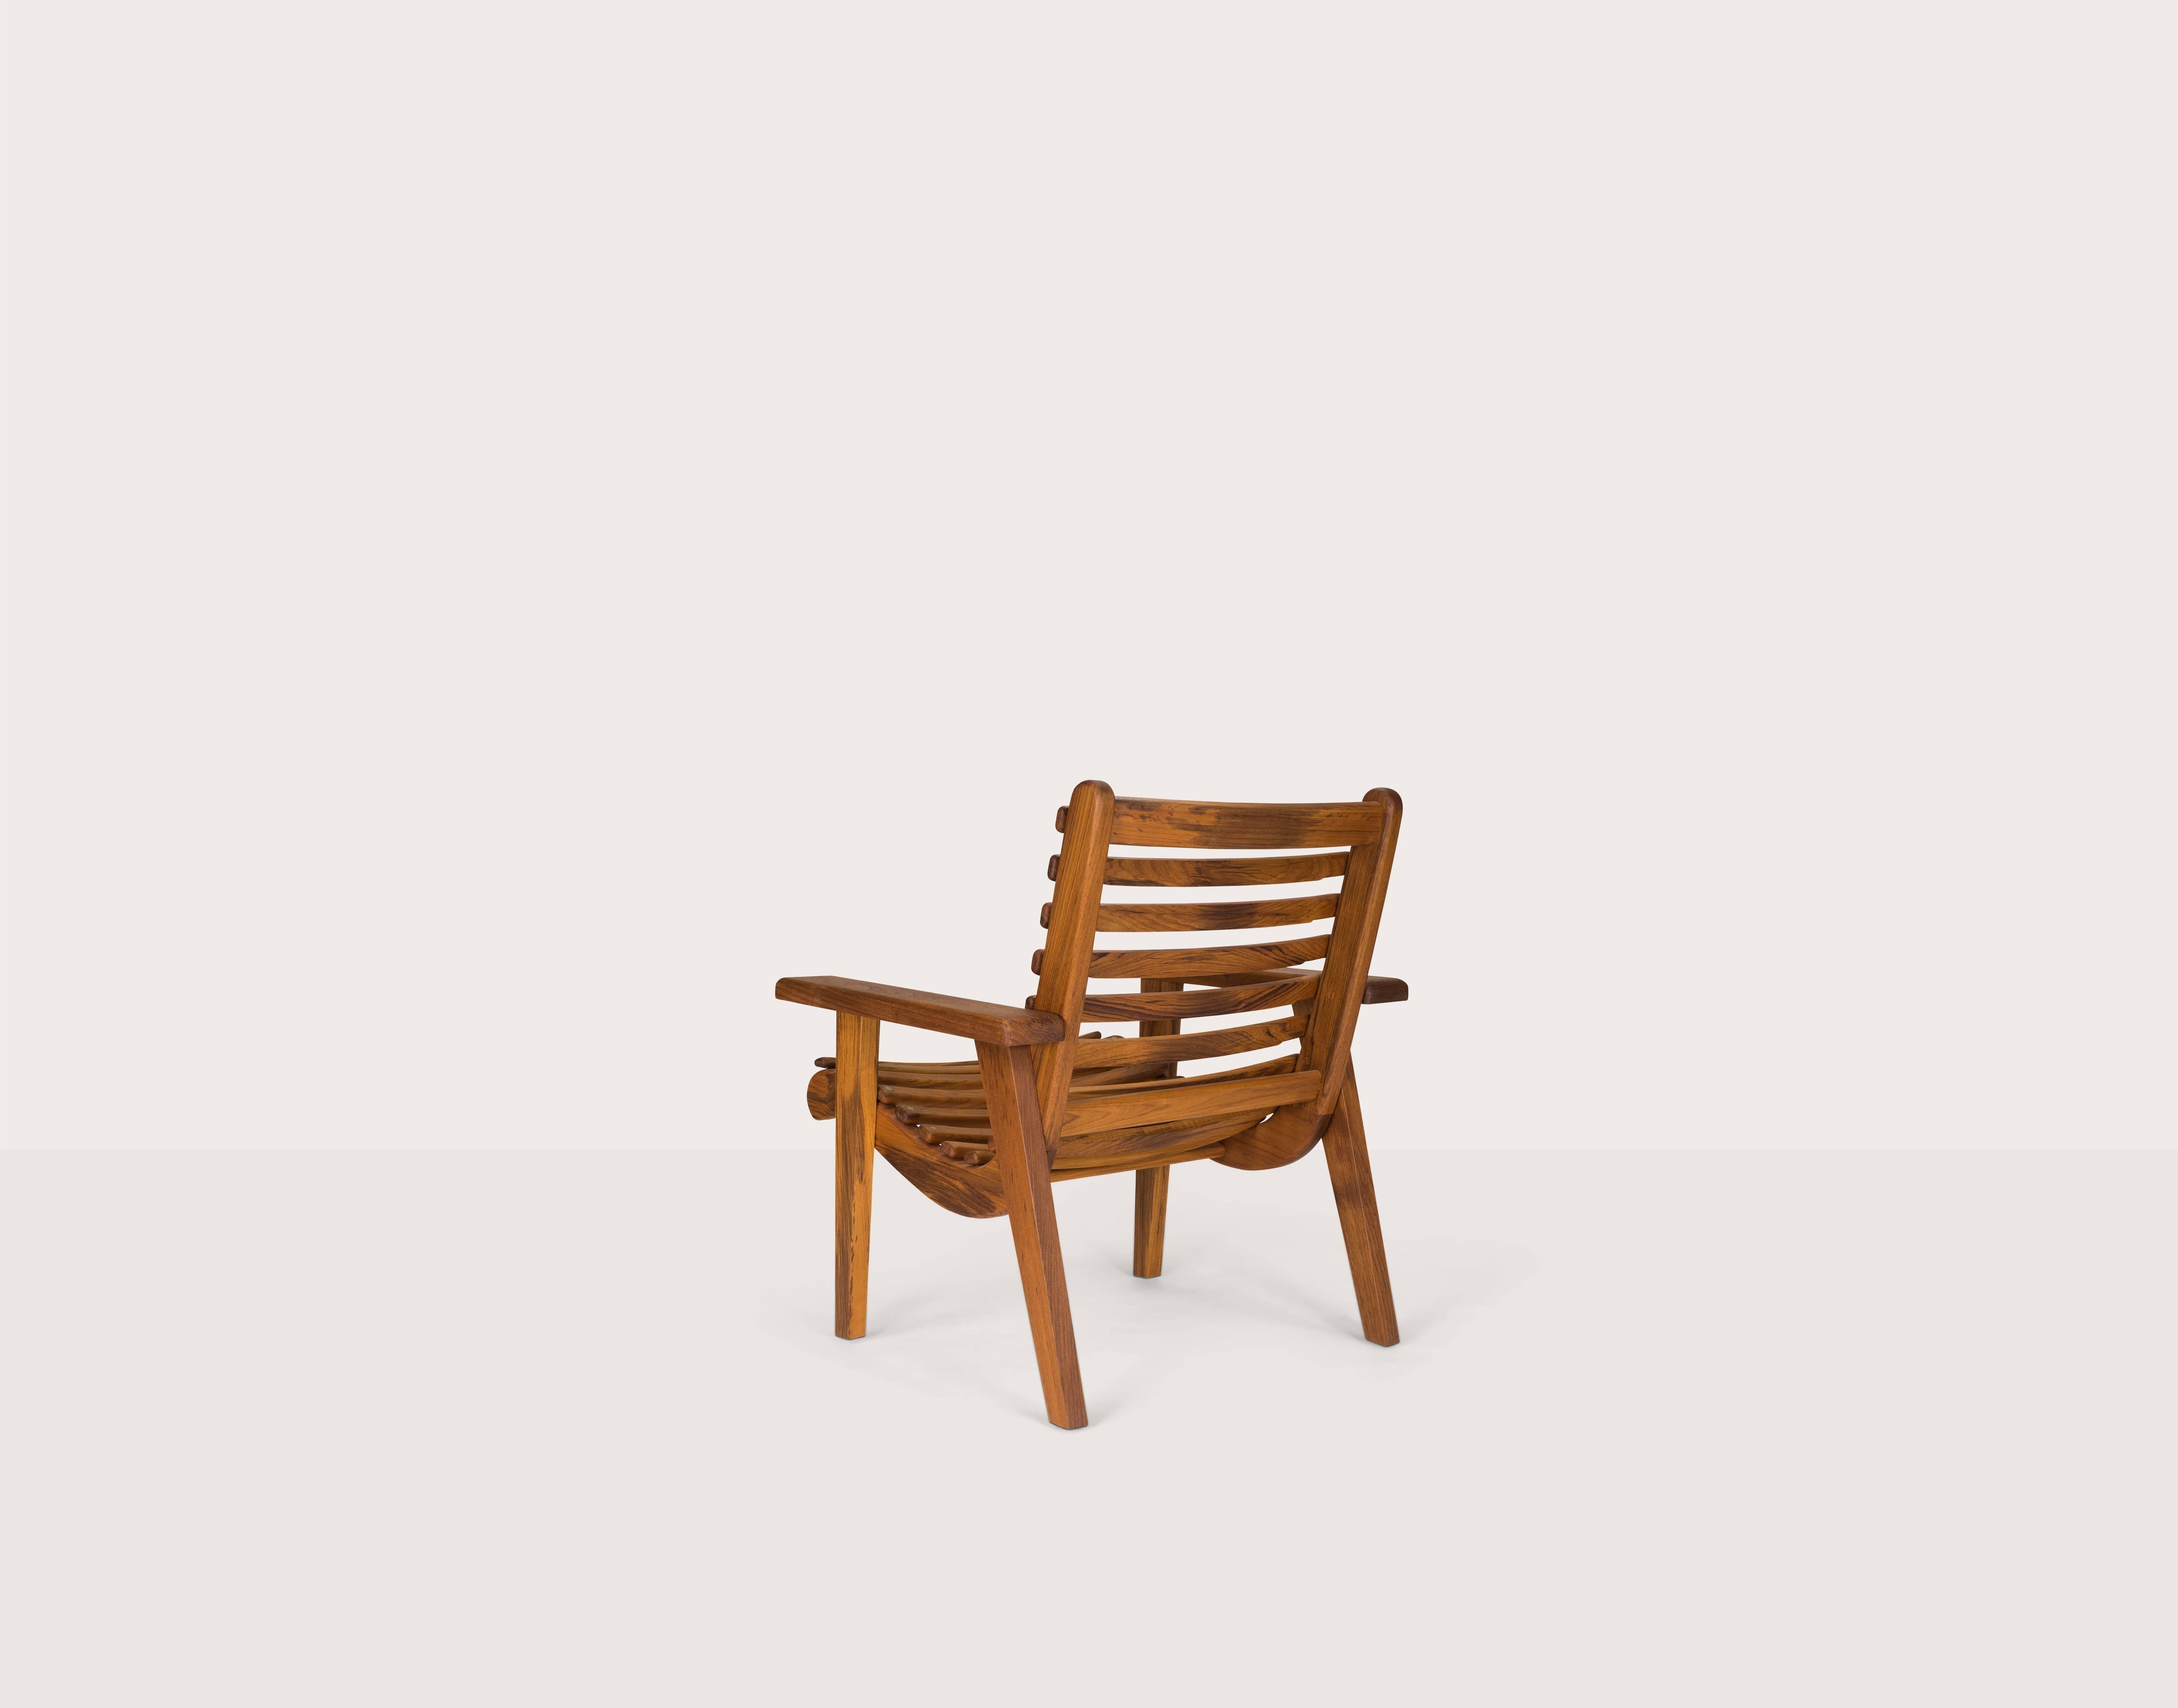 Michael Van Beuren Modernist Armchair in Teak for IndoorOutdoor